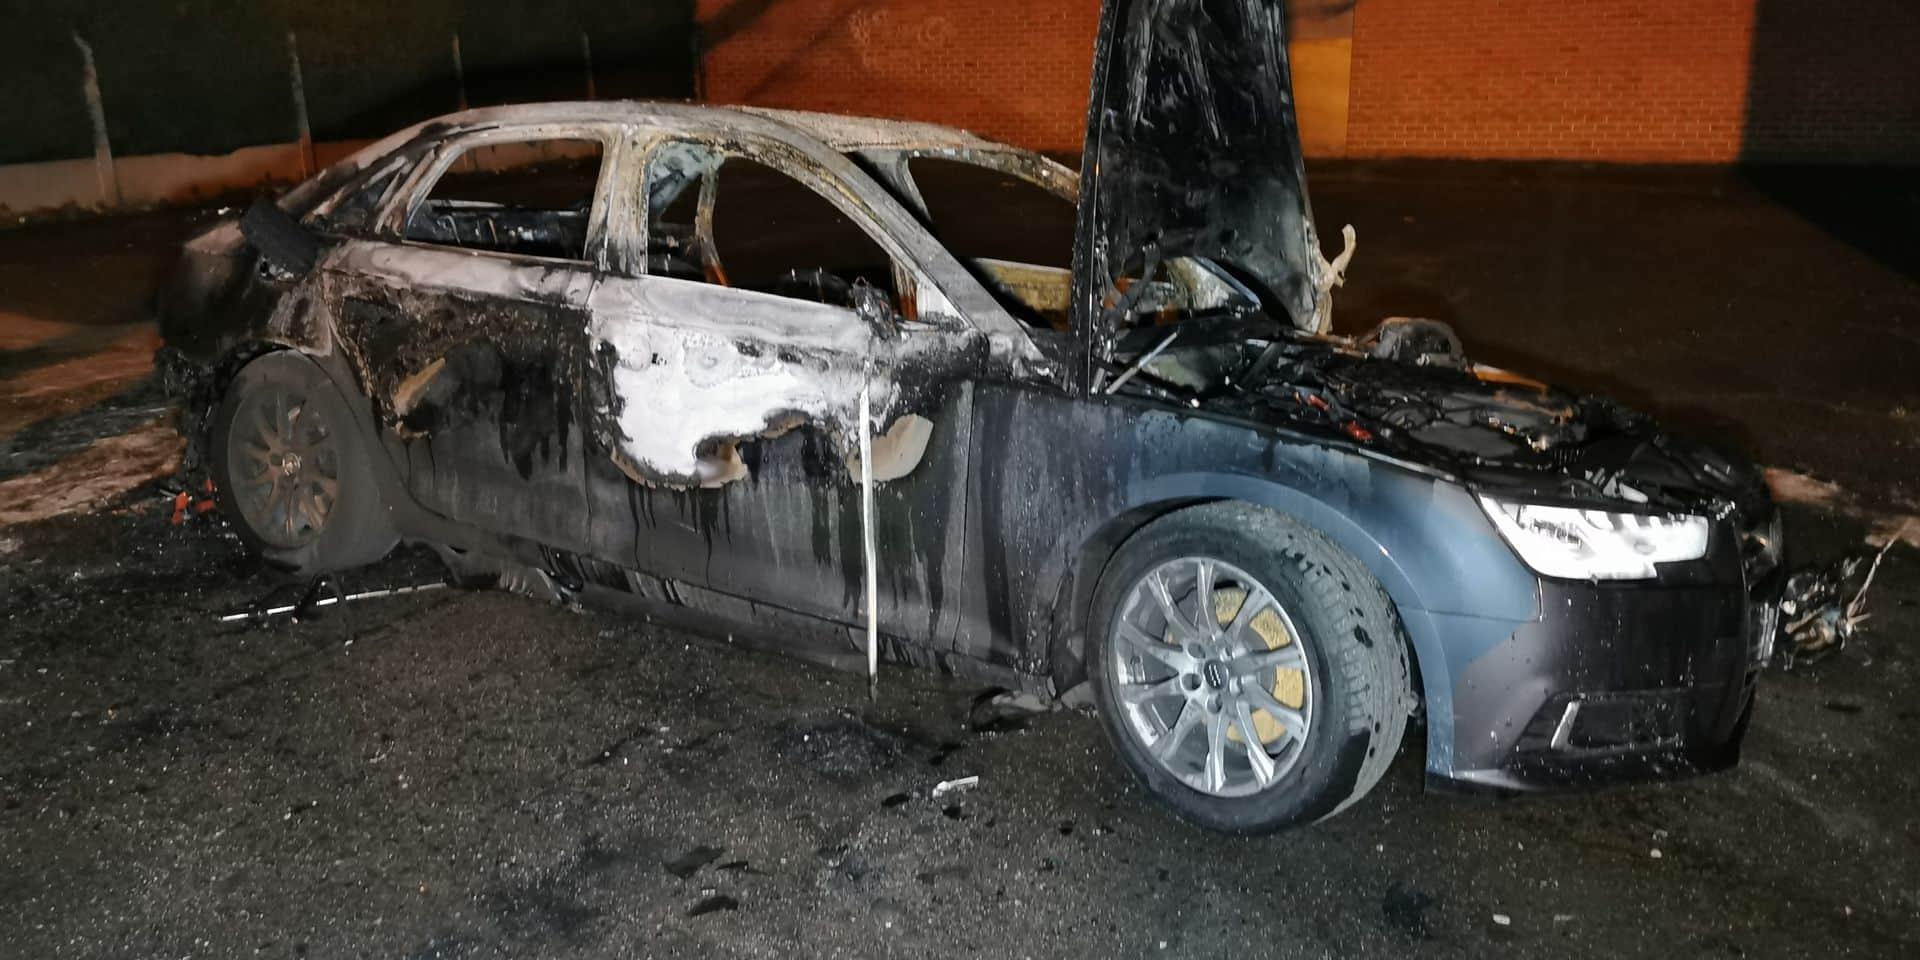 Une voiture brûlée à Marcinelle la nuit dernière: un acte criminel?